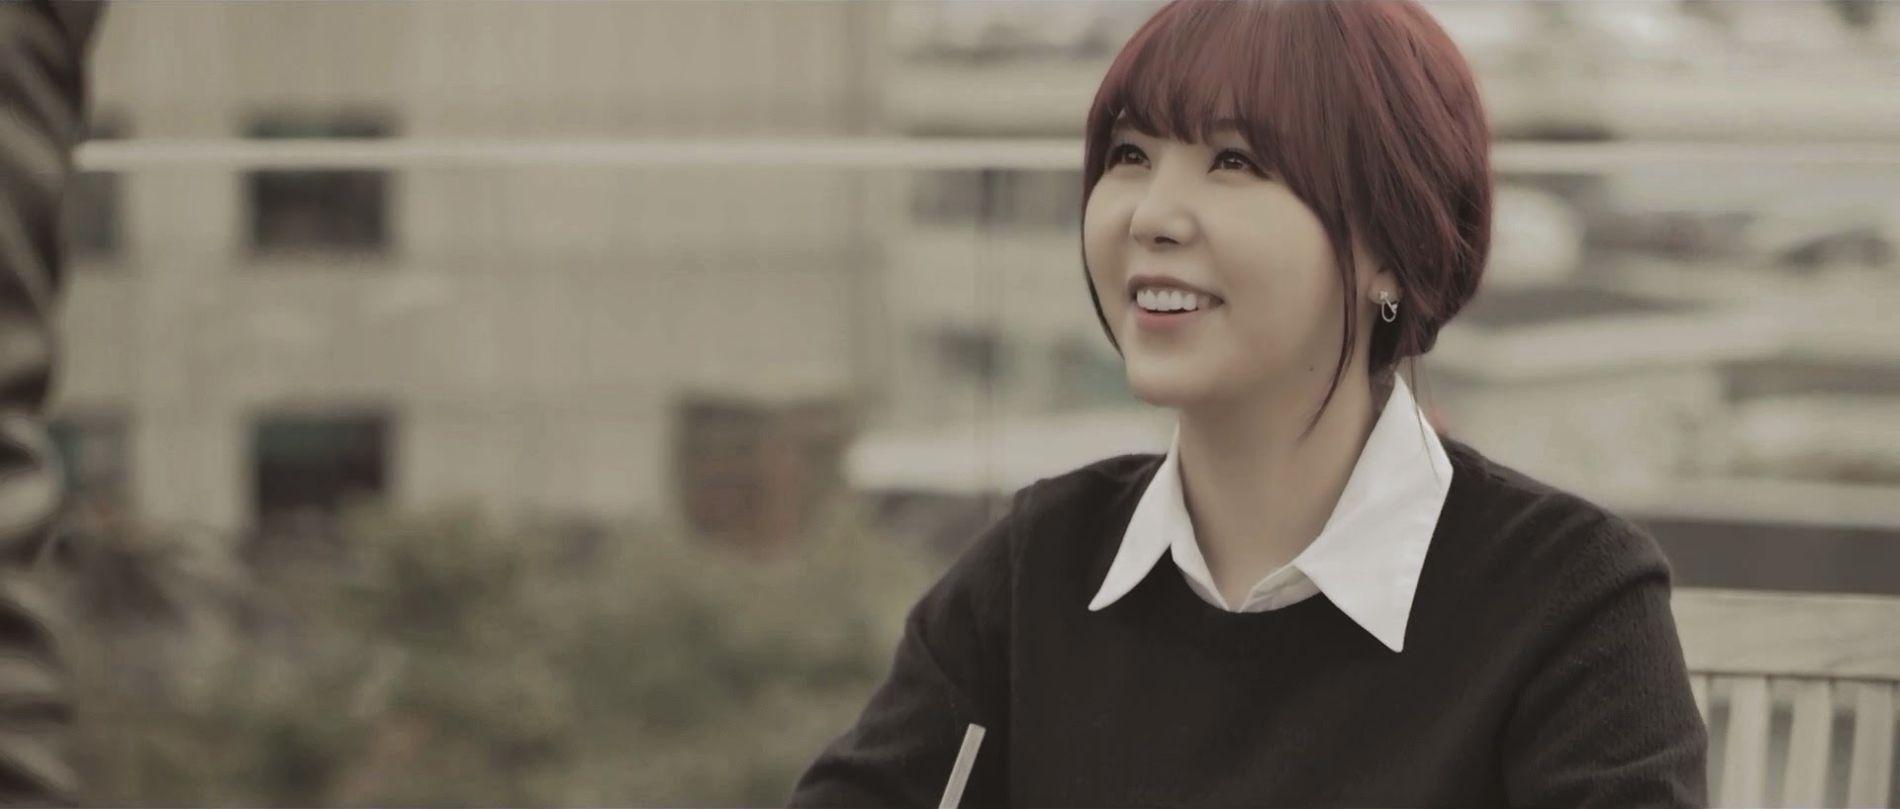 Oh Hye-rin aka Raina (After School, Orange Caramel)